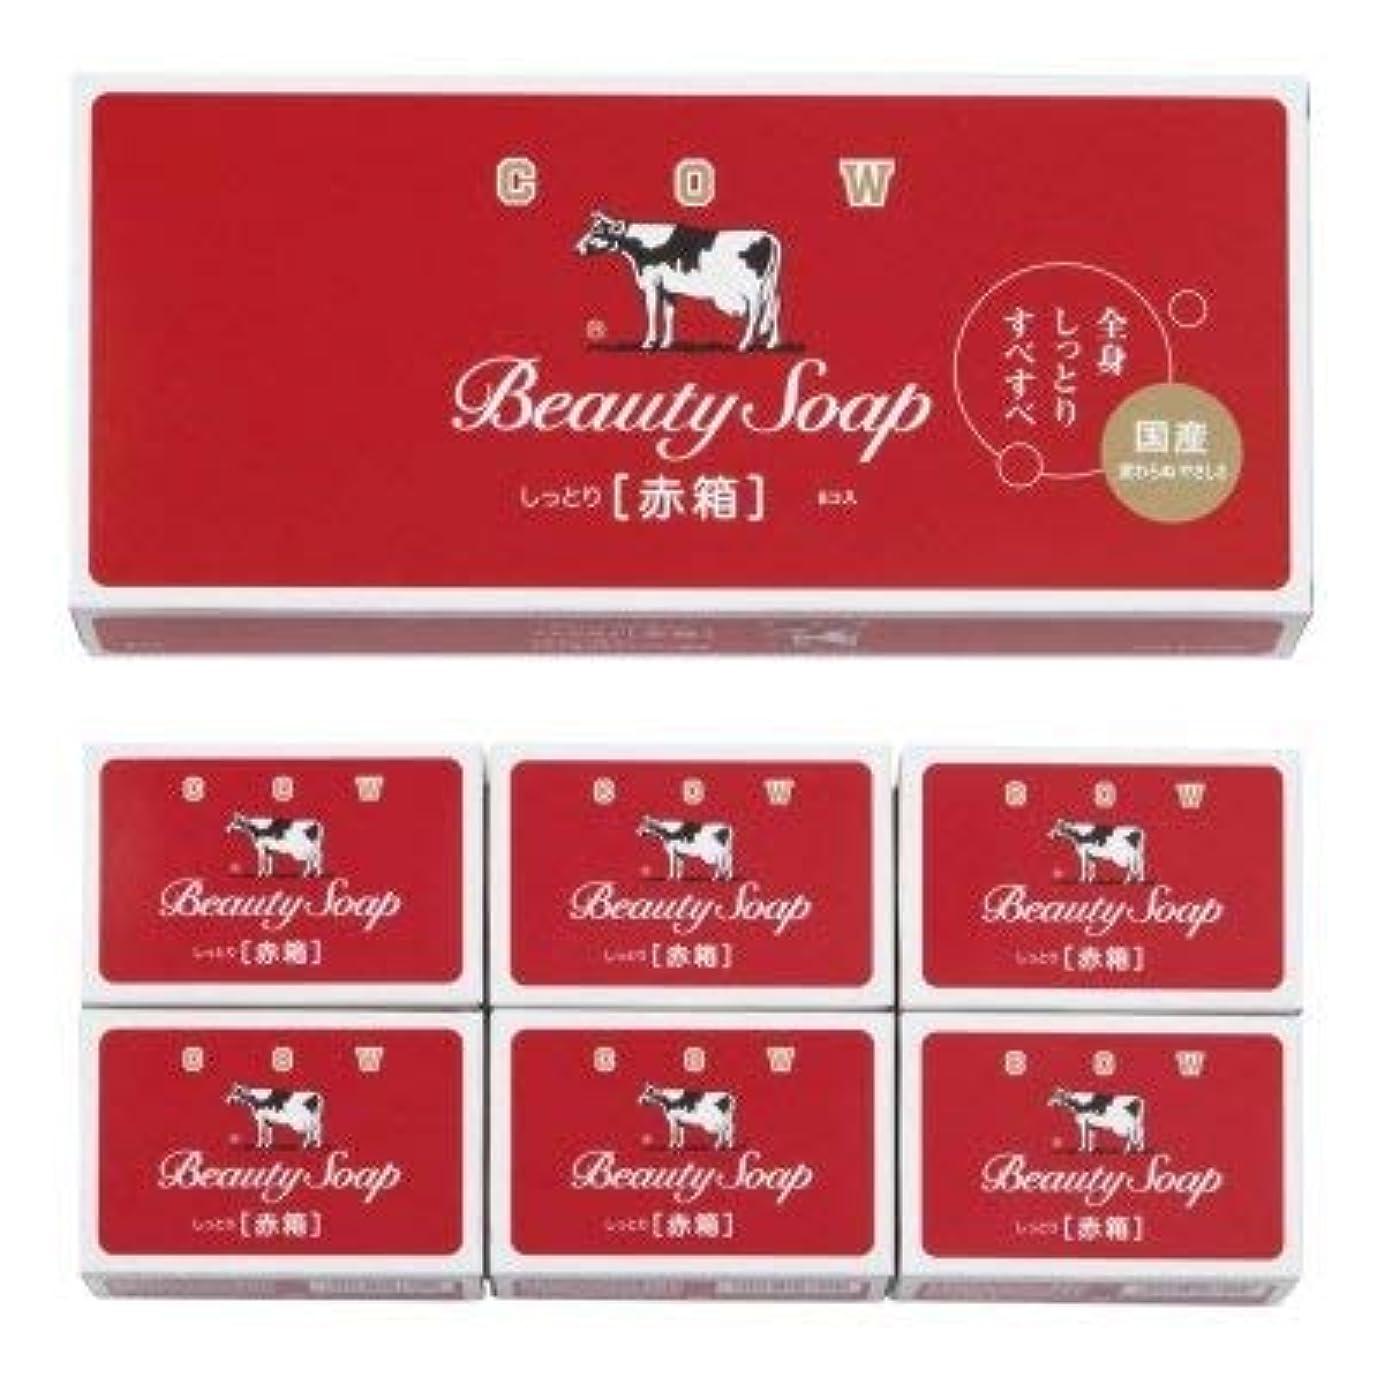 【国産】牛乳石鹸 カウブランド 赤箱6コ入 (12個1セット)